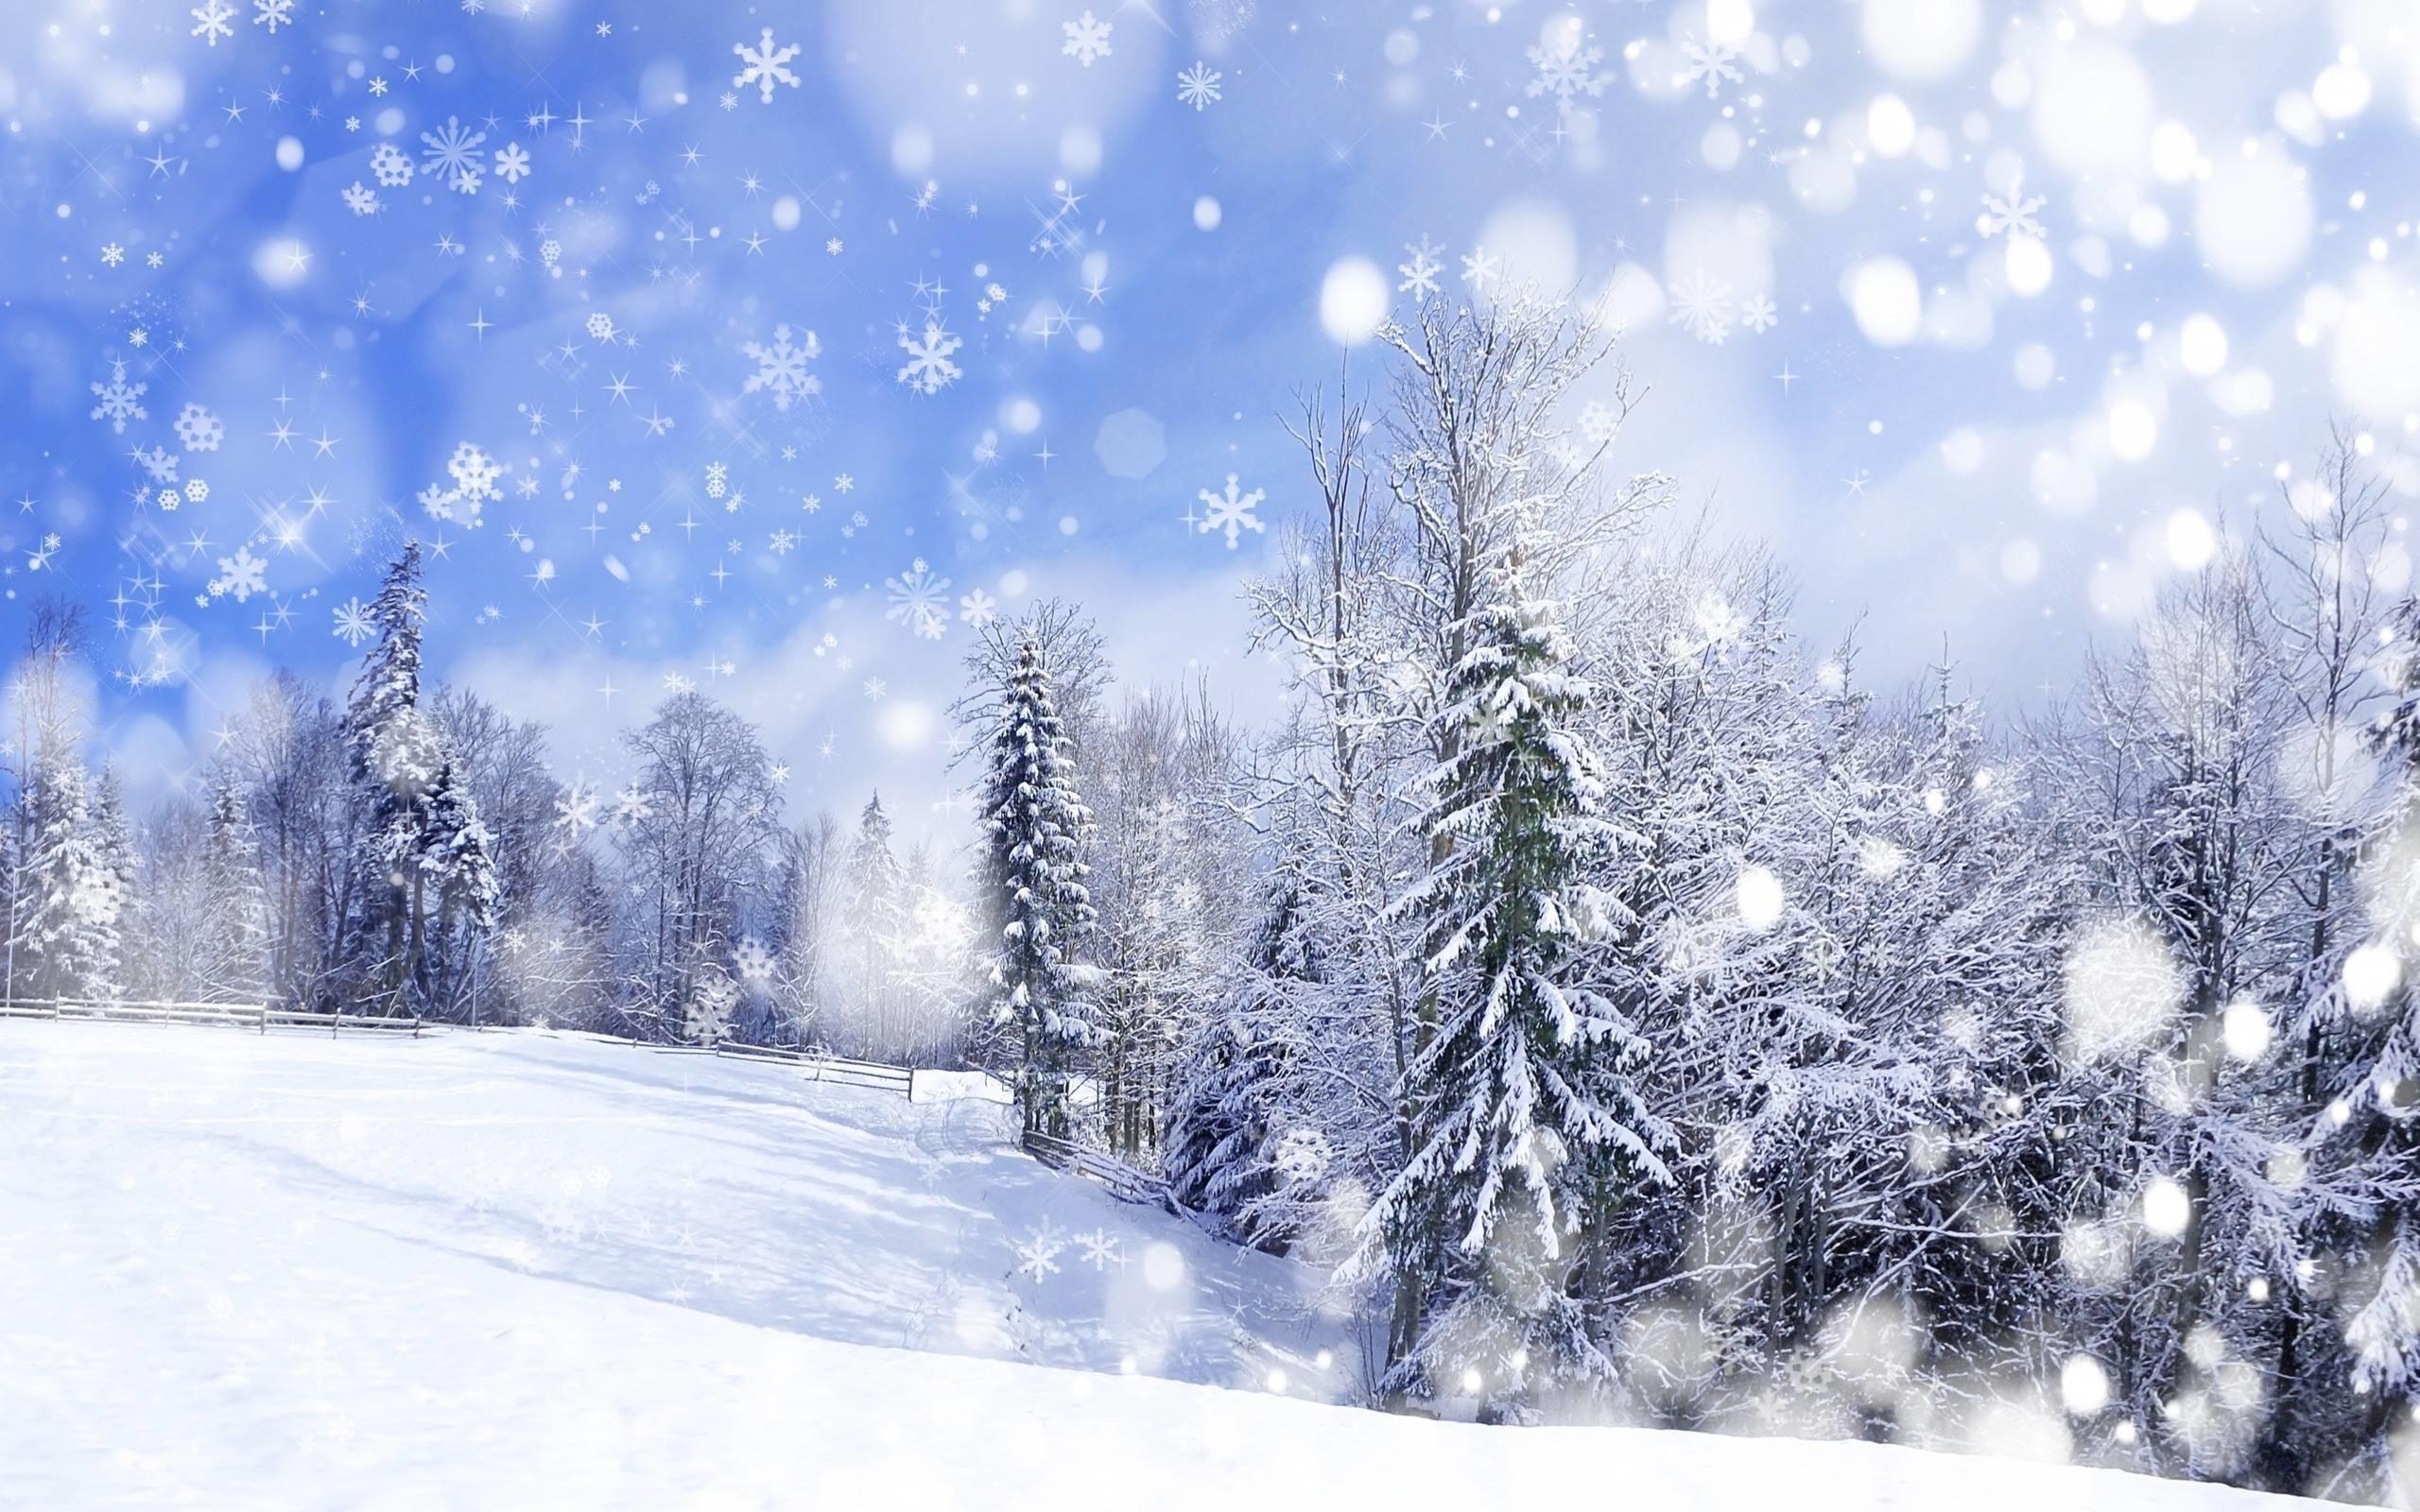 Winter Scene Wallpaper ·①